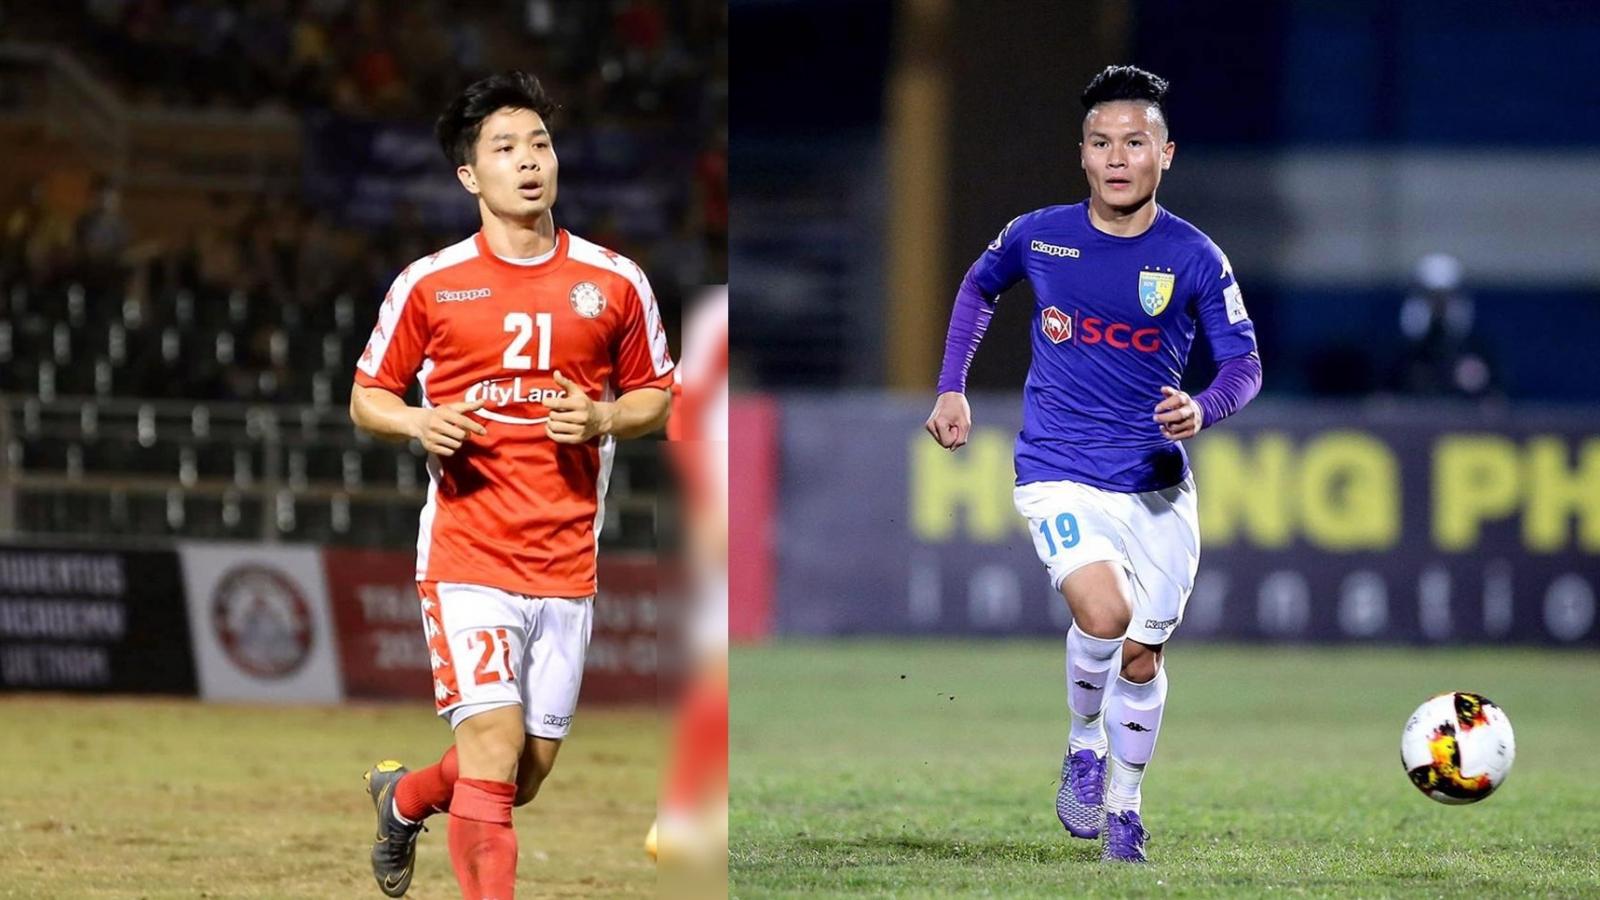 Đội bóng của Quang Hải, Công Phượng thi đấu giao hữu ngày khởi tranh Cúp QG